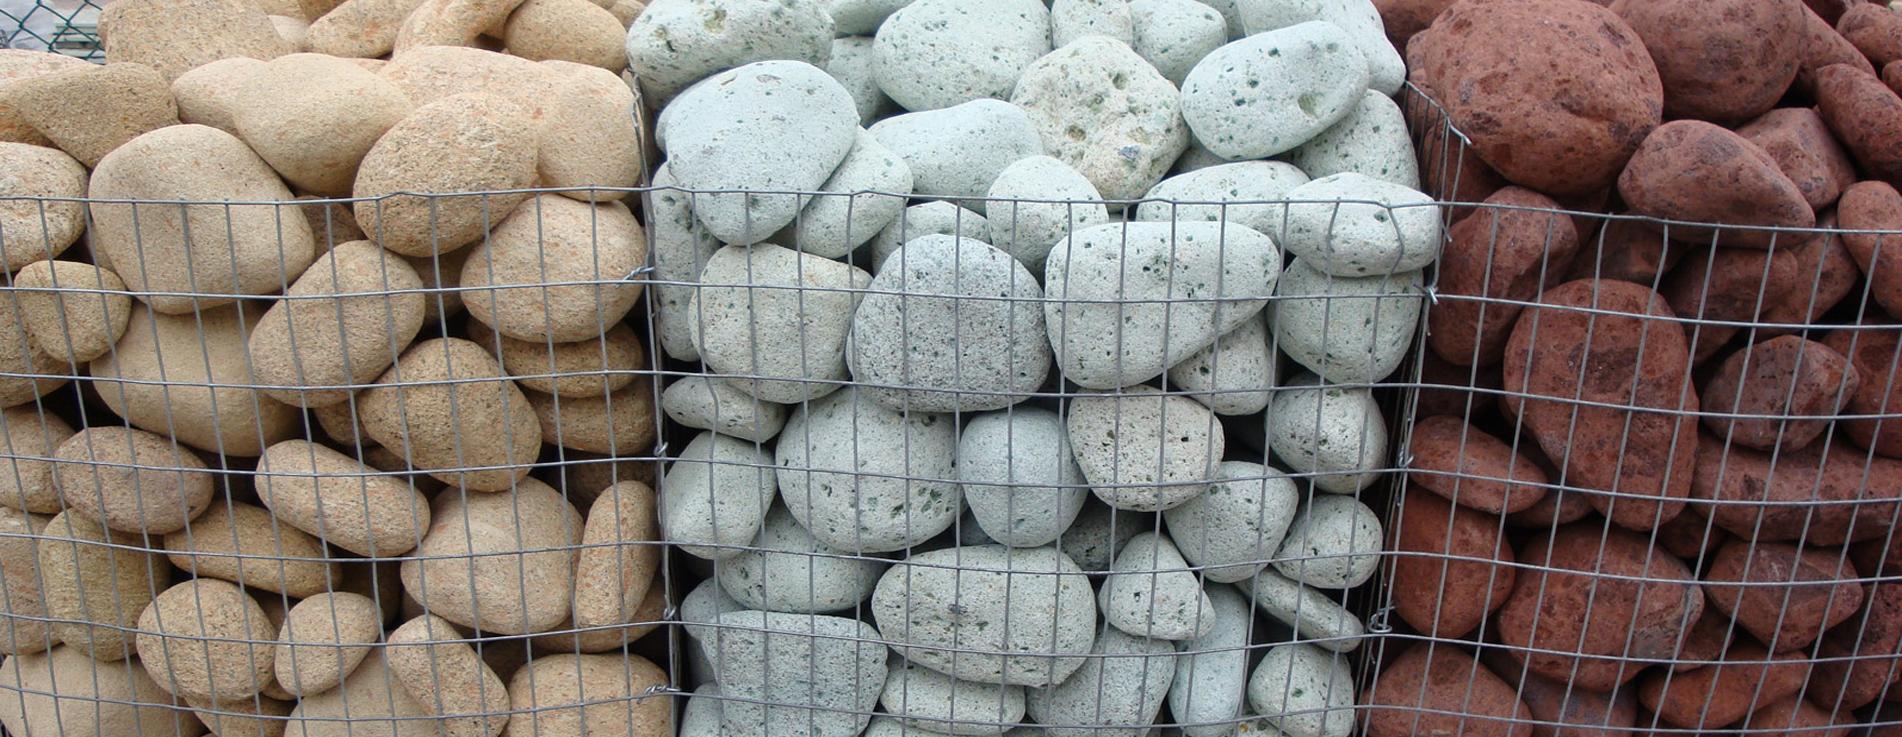 Vrtni program in okrasno kamenje - Pro-Kam - Prodaja in montaža kamna